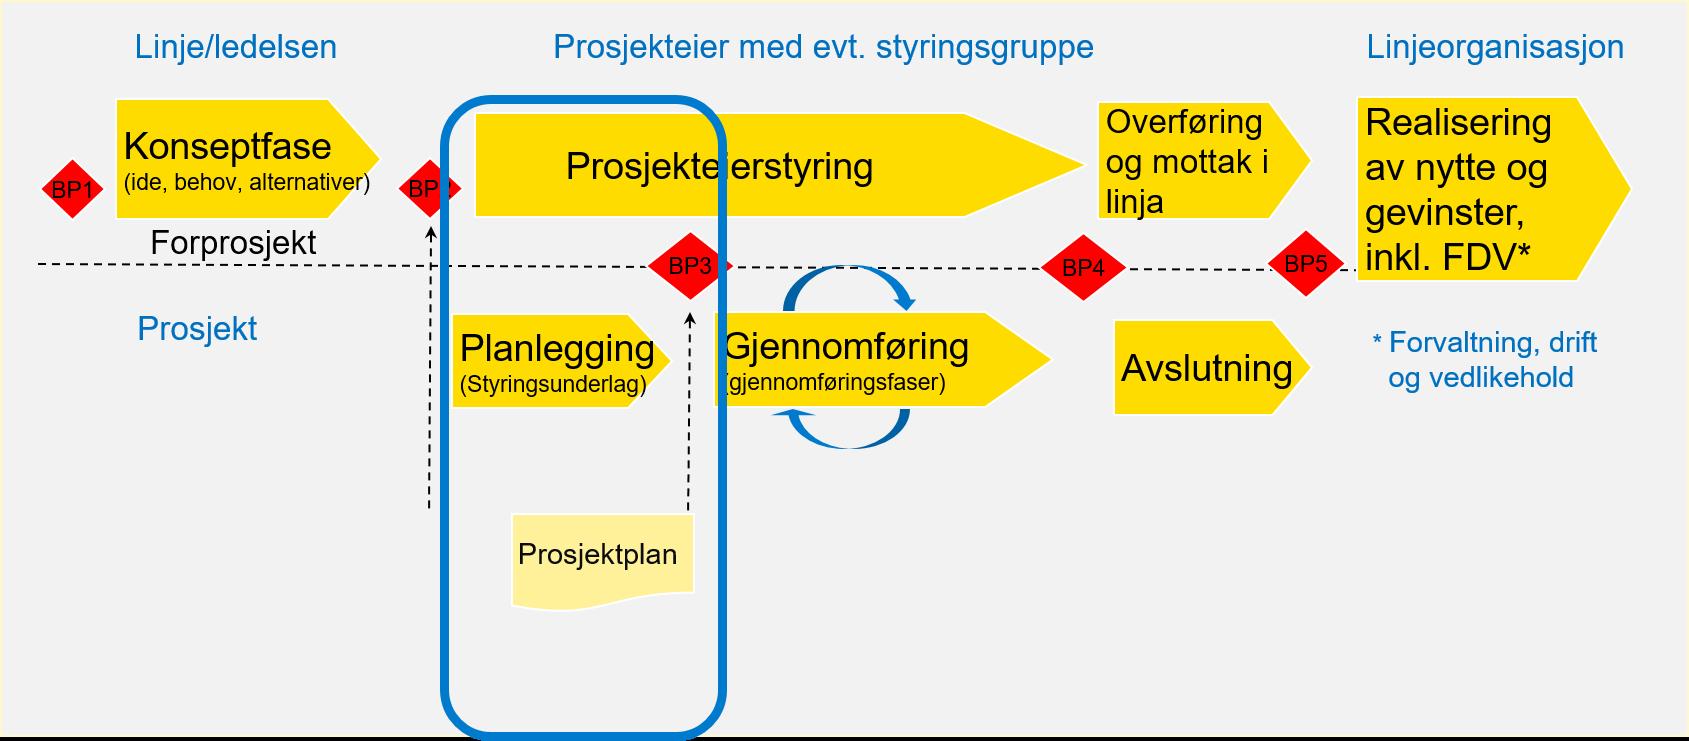 Bildet viser prosjektmodellen hvor planleggingsfasen er uthevet. Planleggingsfasen leder frem til beslutningspunkt 3 og innbefatter utarbeidelse av prosjektplan.